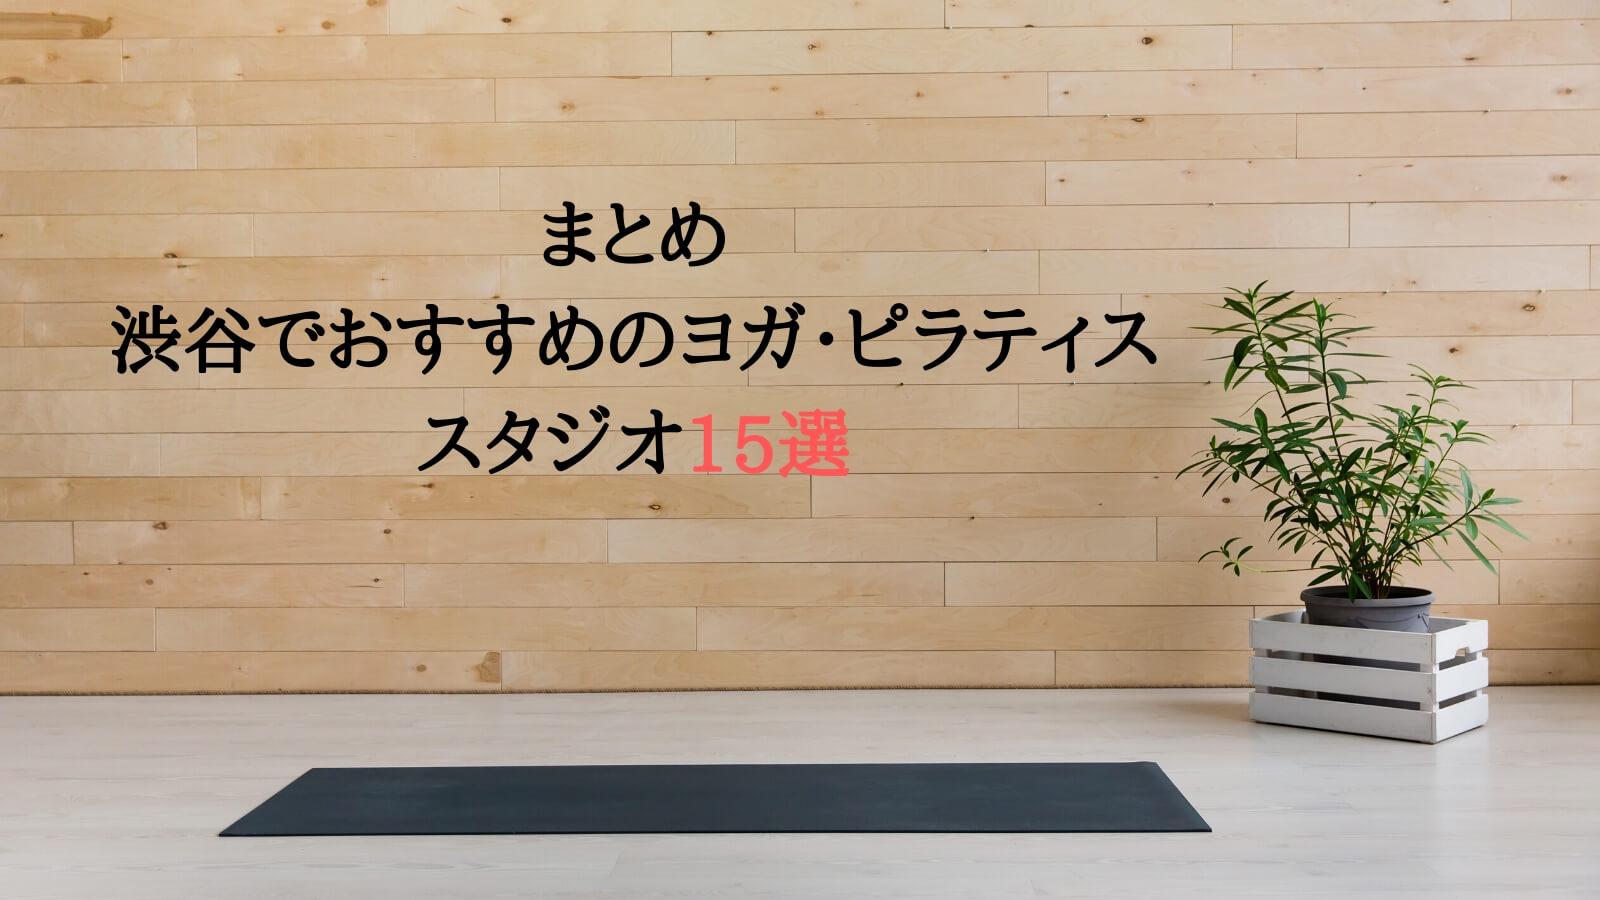 まとめ:渋谷でおすすめのヨガ・ピラティススタジオ15選